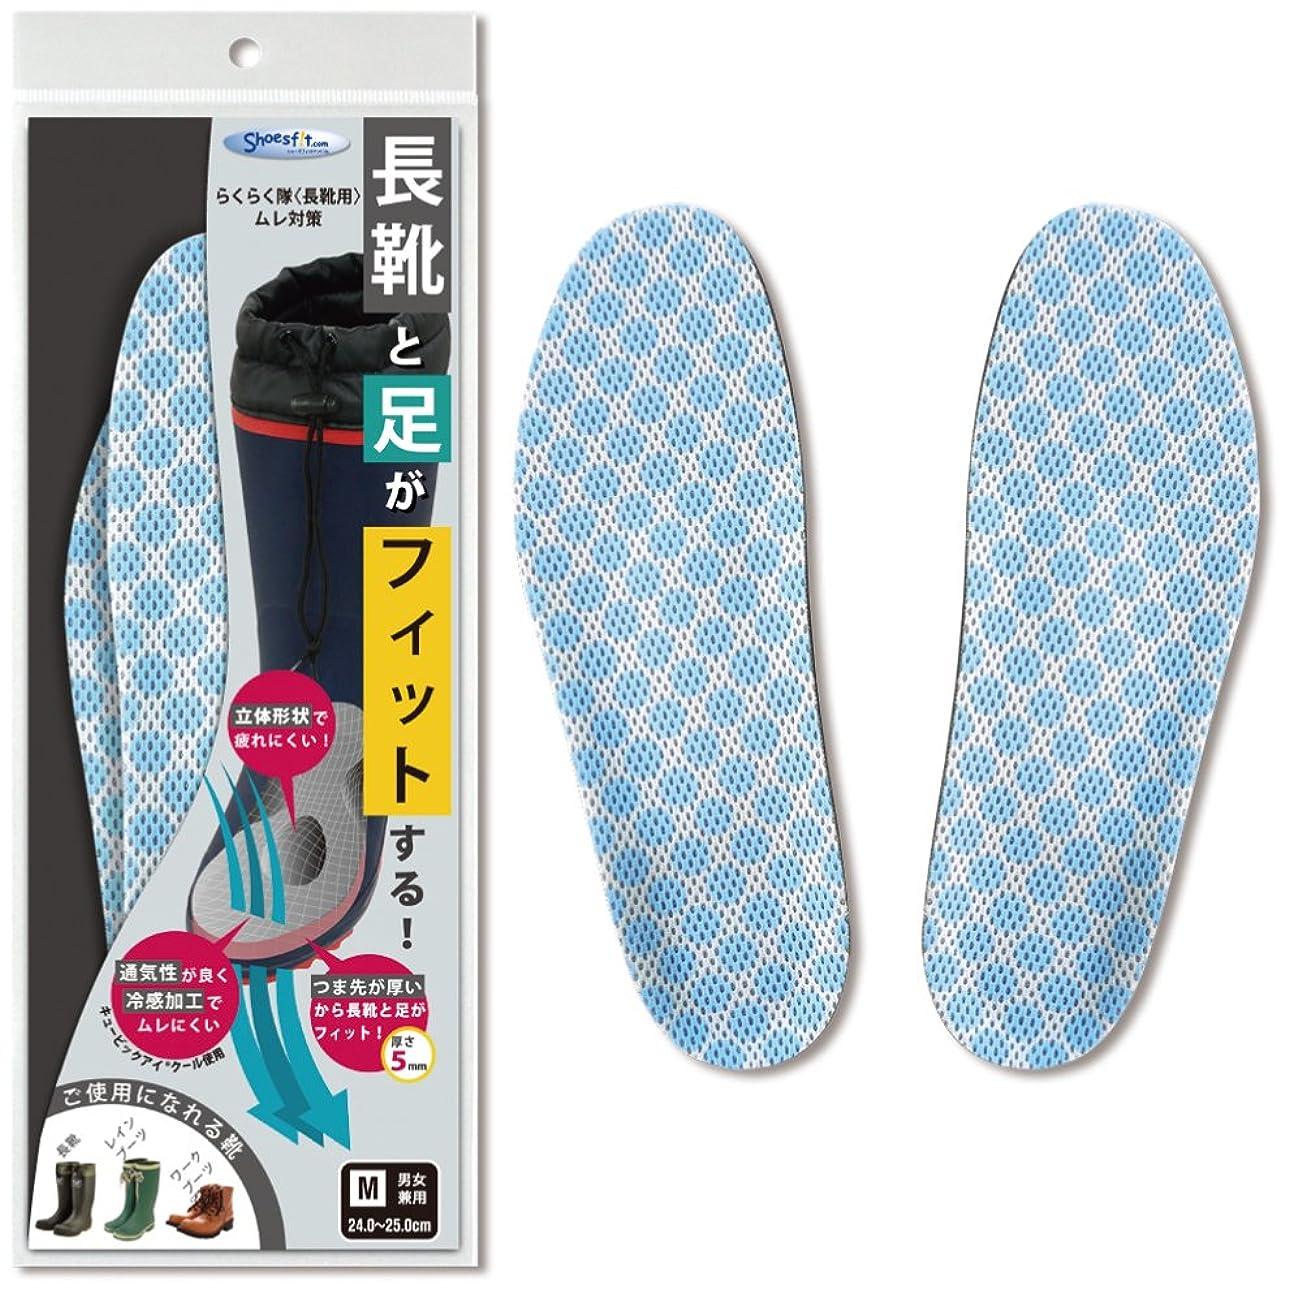 幸福正規化危険ならくらく隊長靴用ムレ対策XL(27.0~28.0cm)